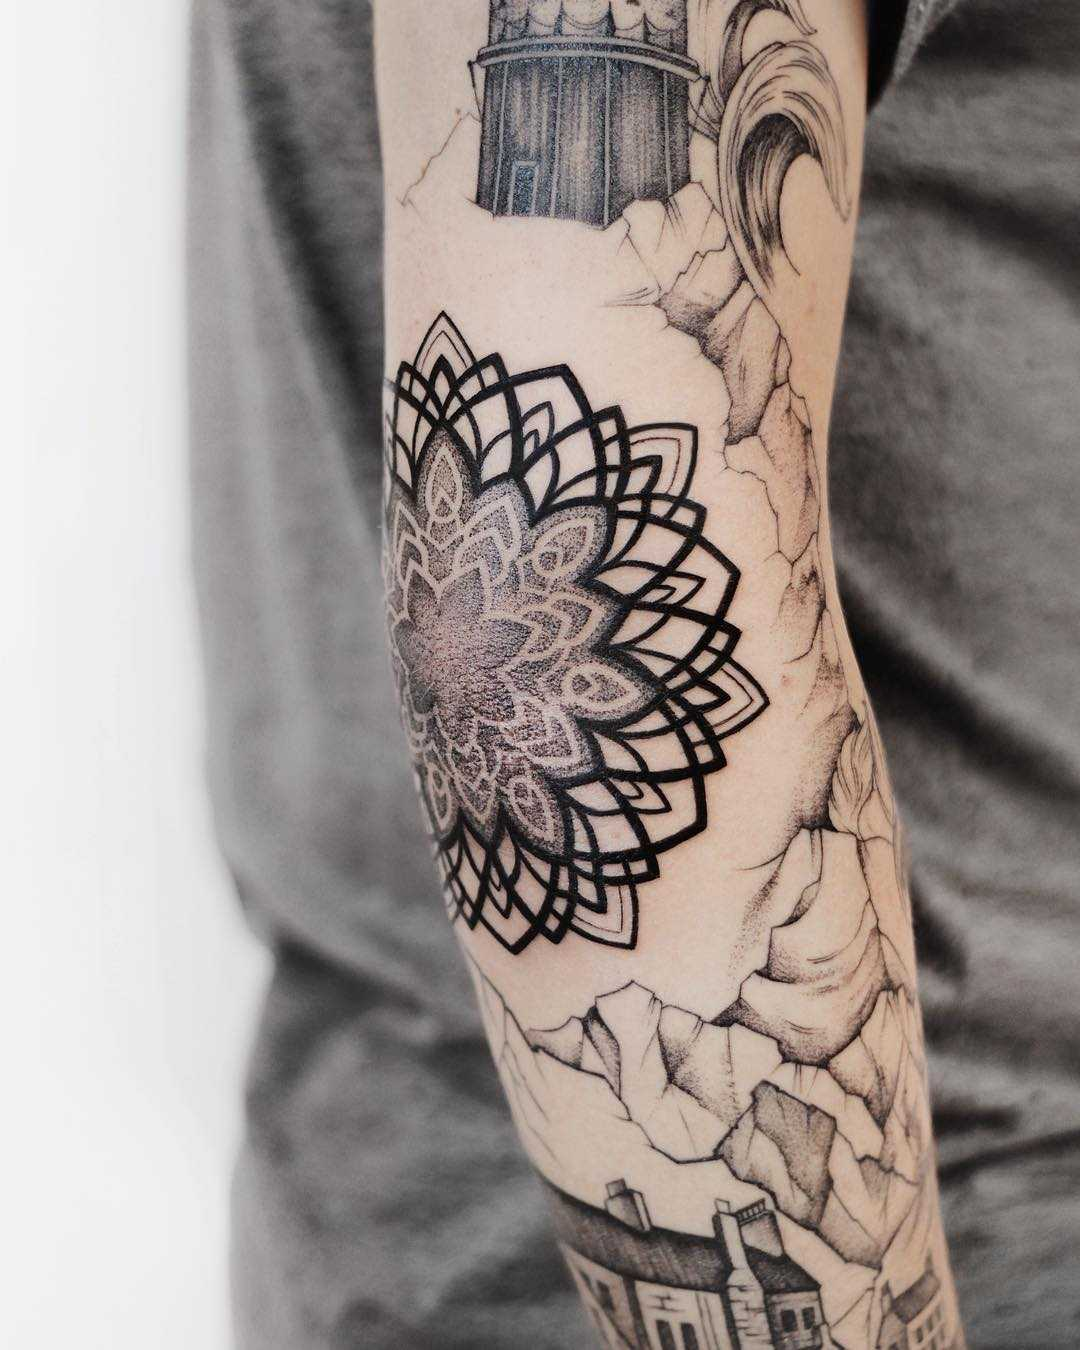 Beautiful arm tattoos